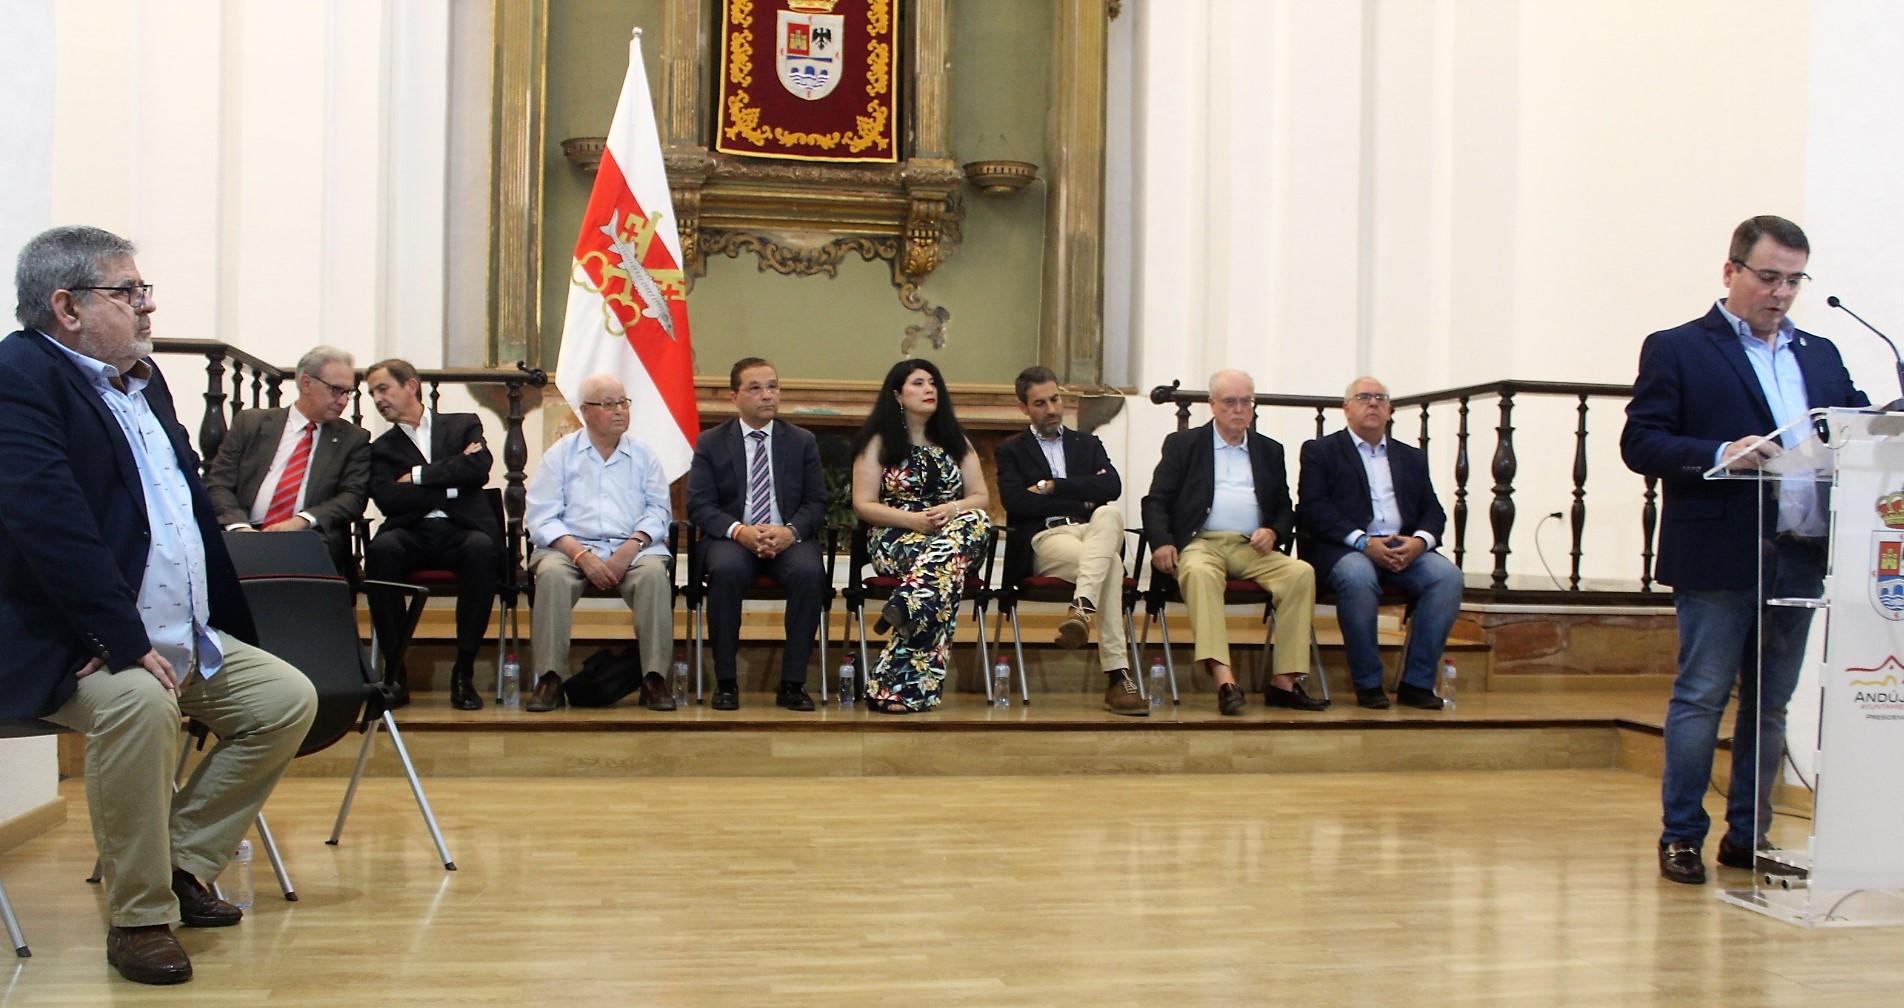 Una muestra enseña los retratos de los 10 alcaldes de la democracia de Andújar